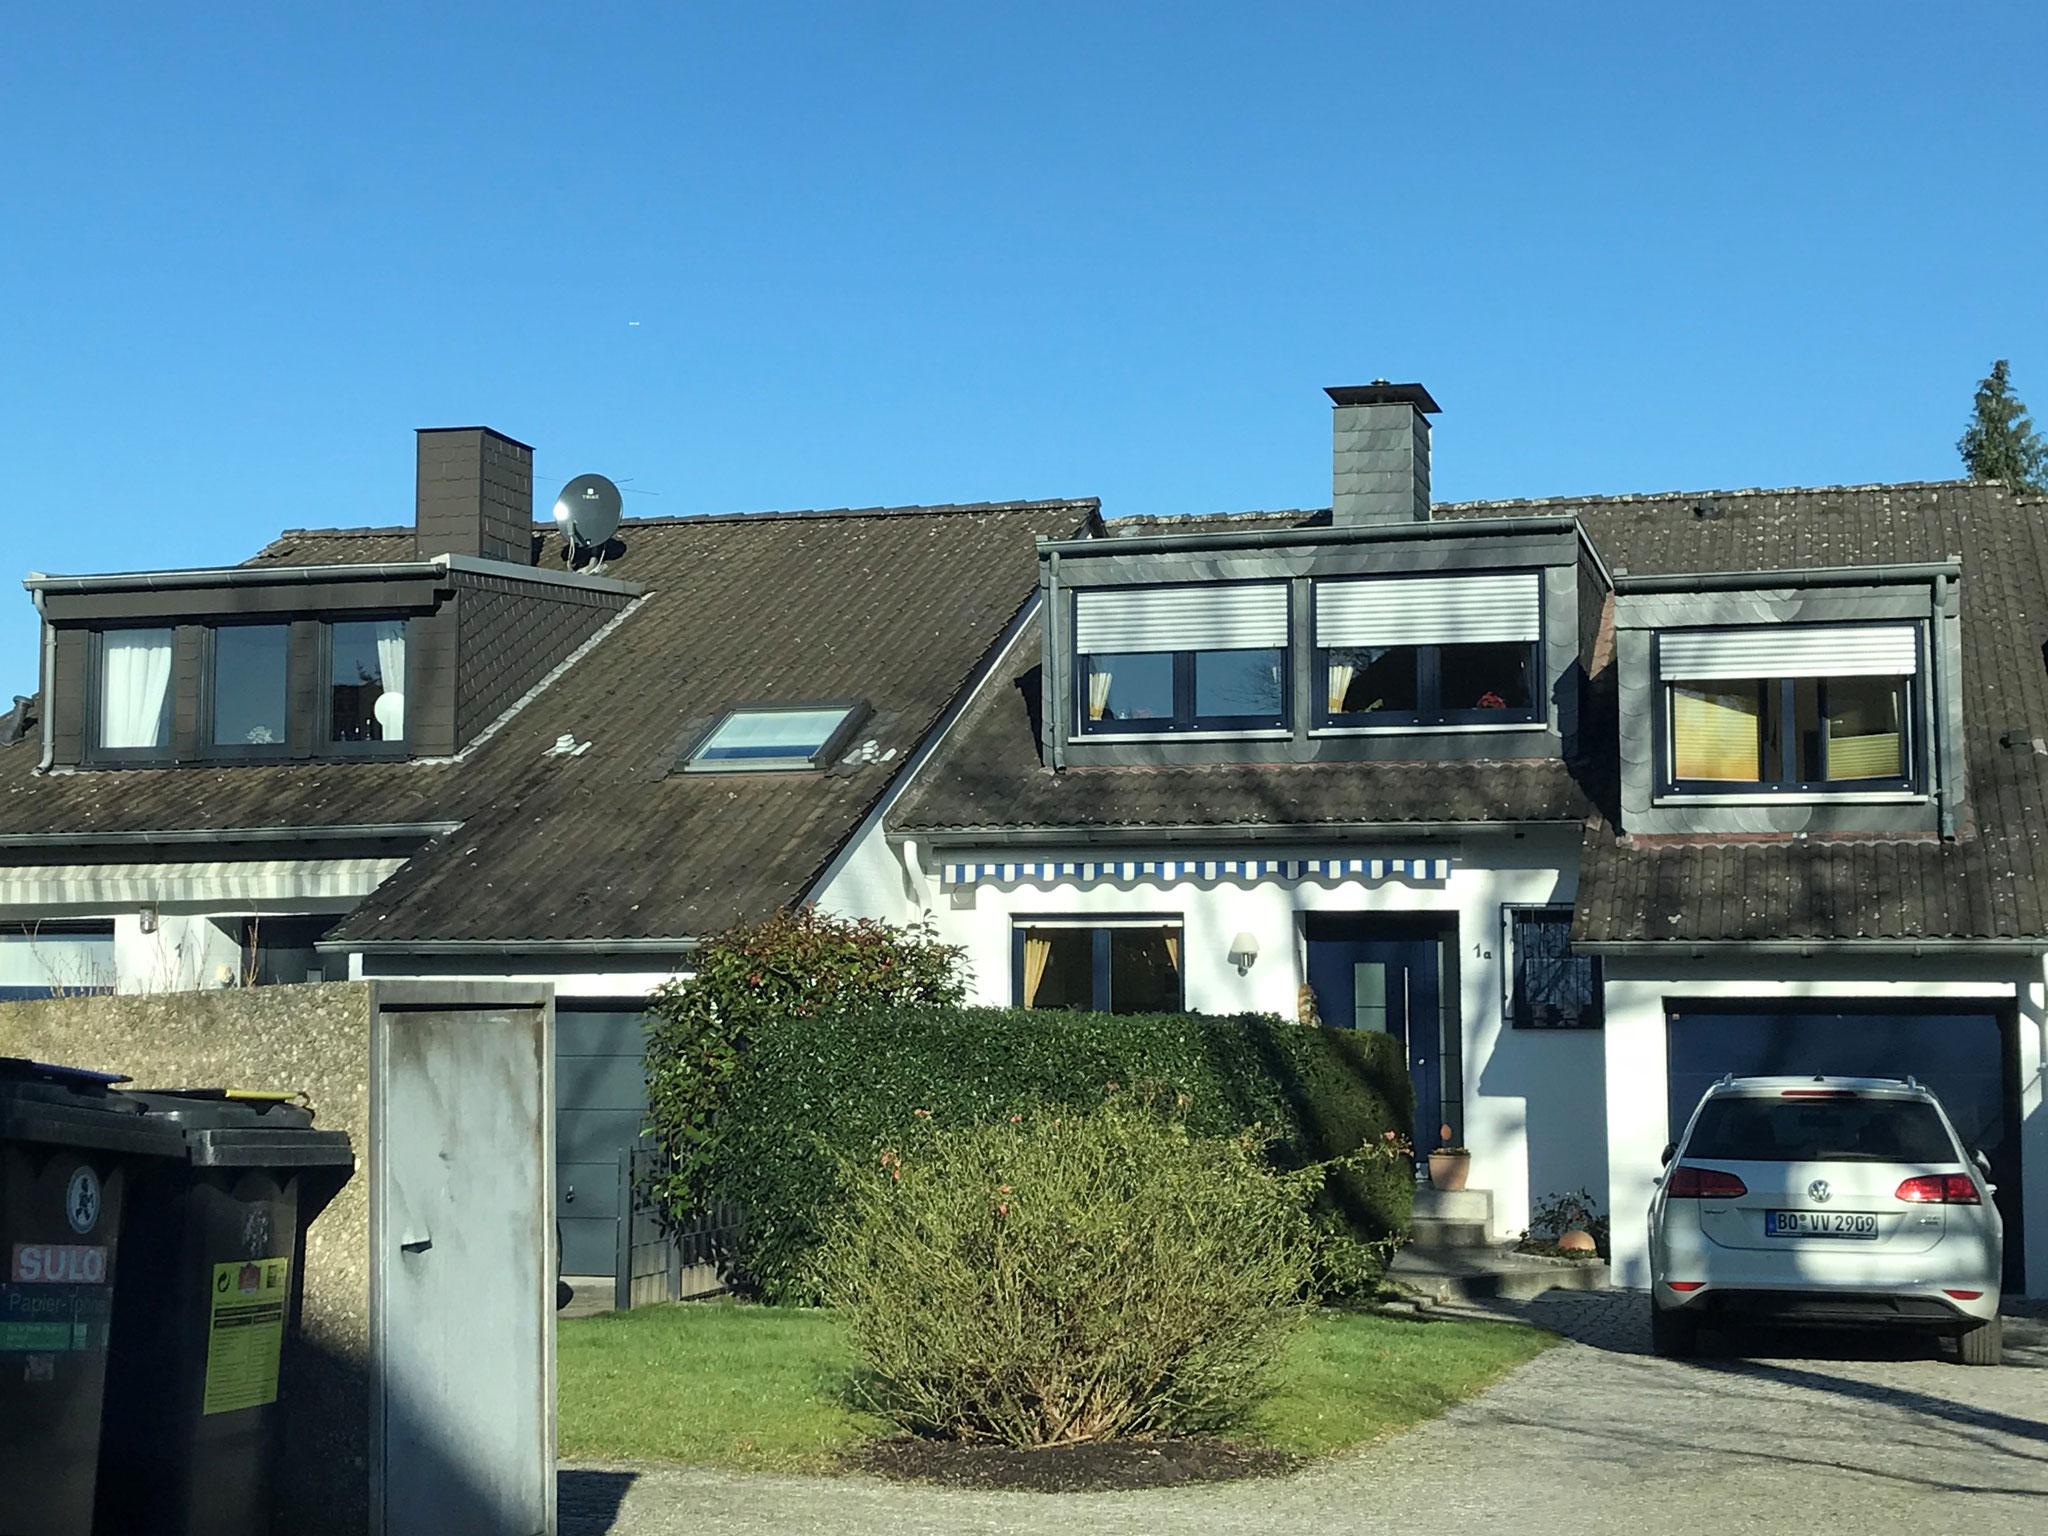 Loggia in Bochum-Sundern